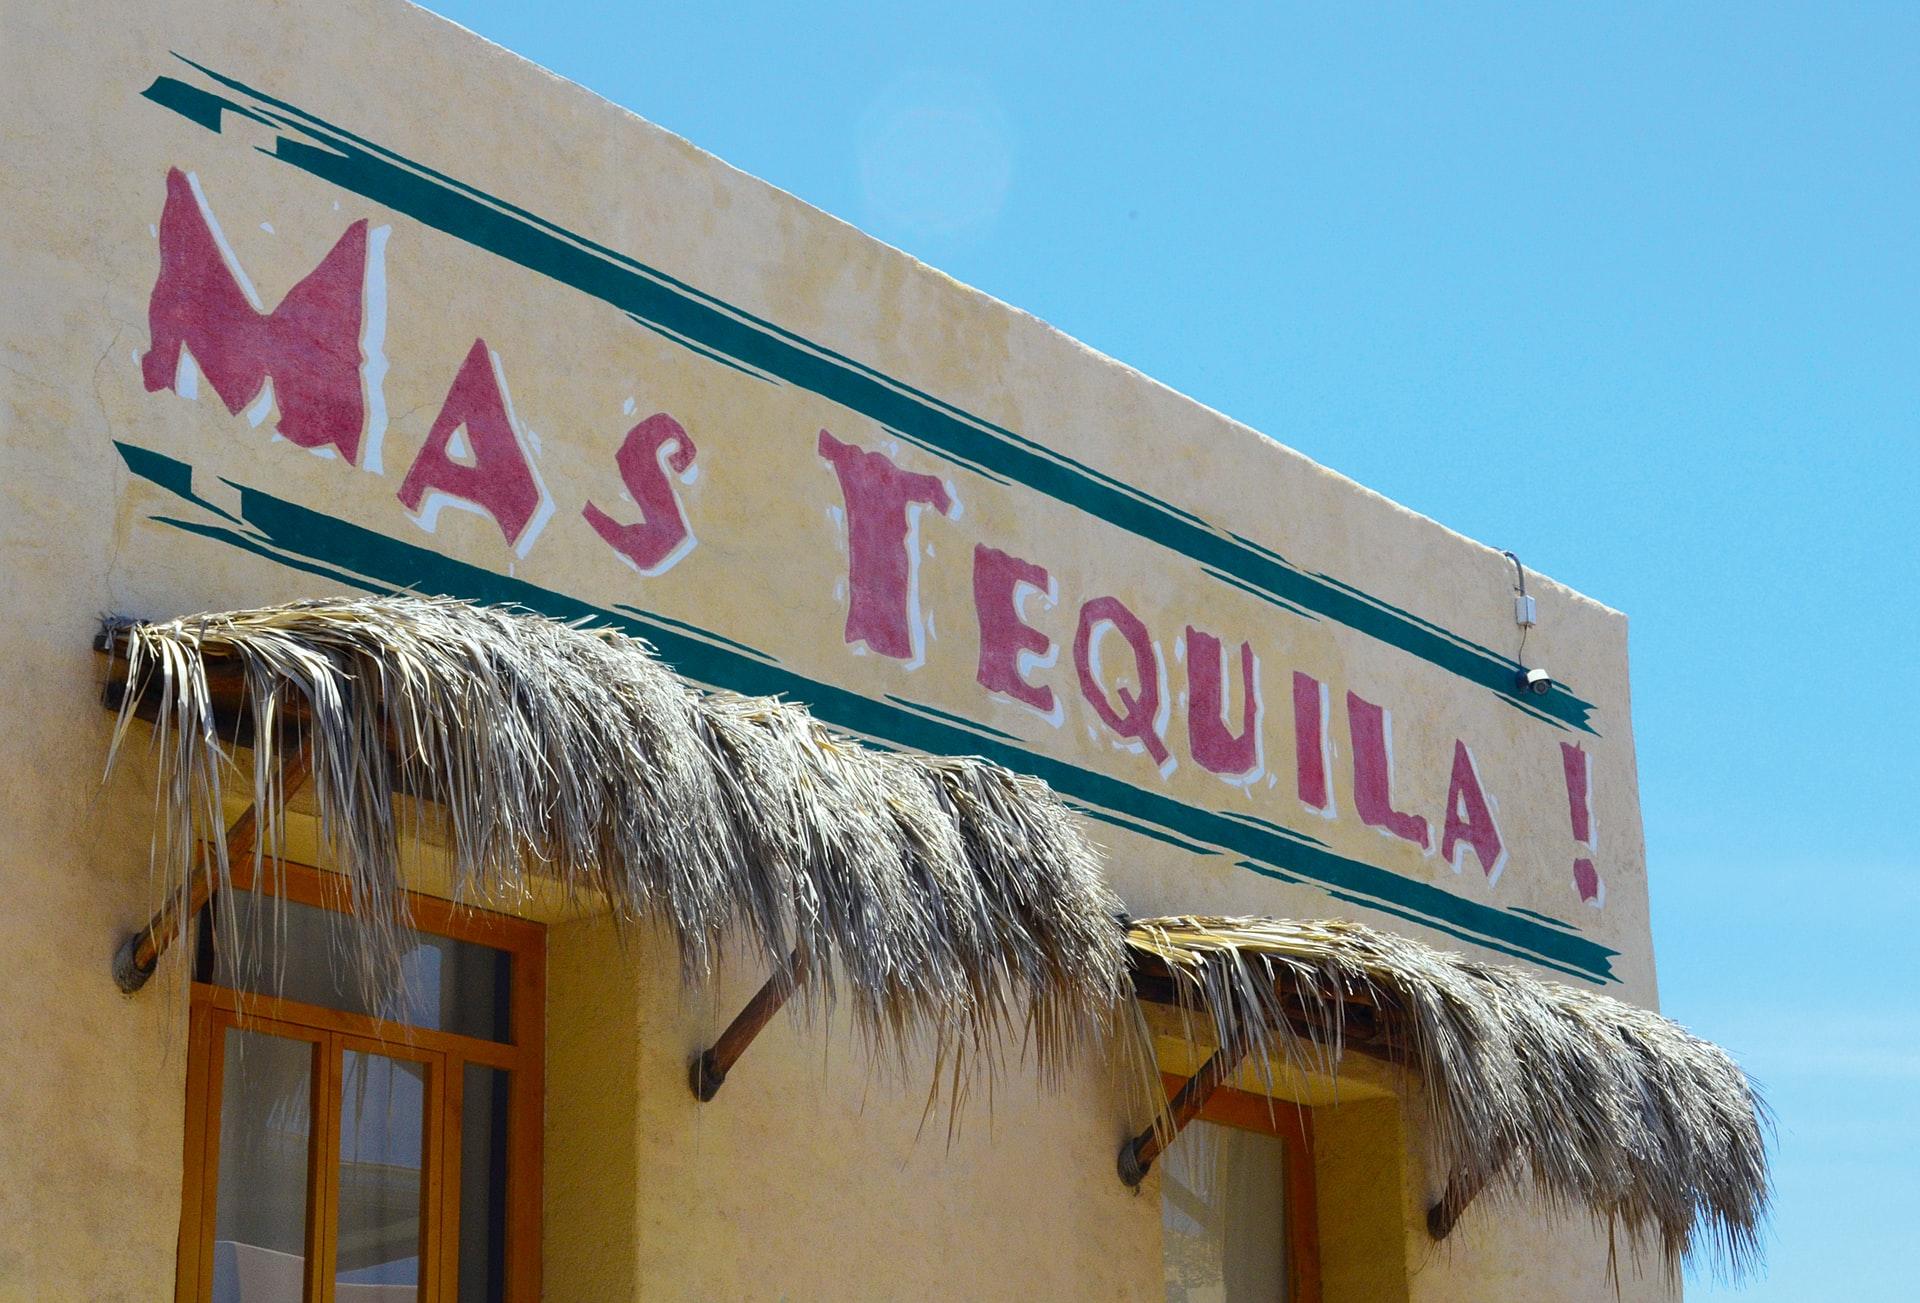 Mas tequila